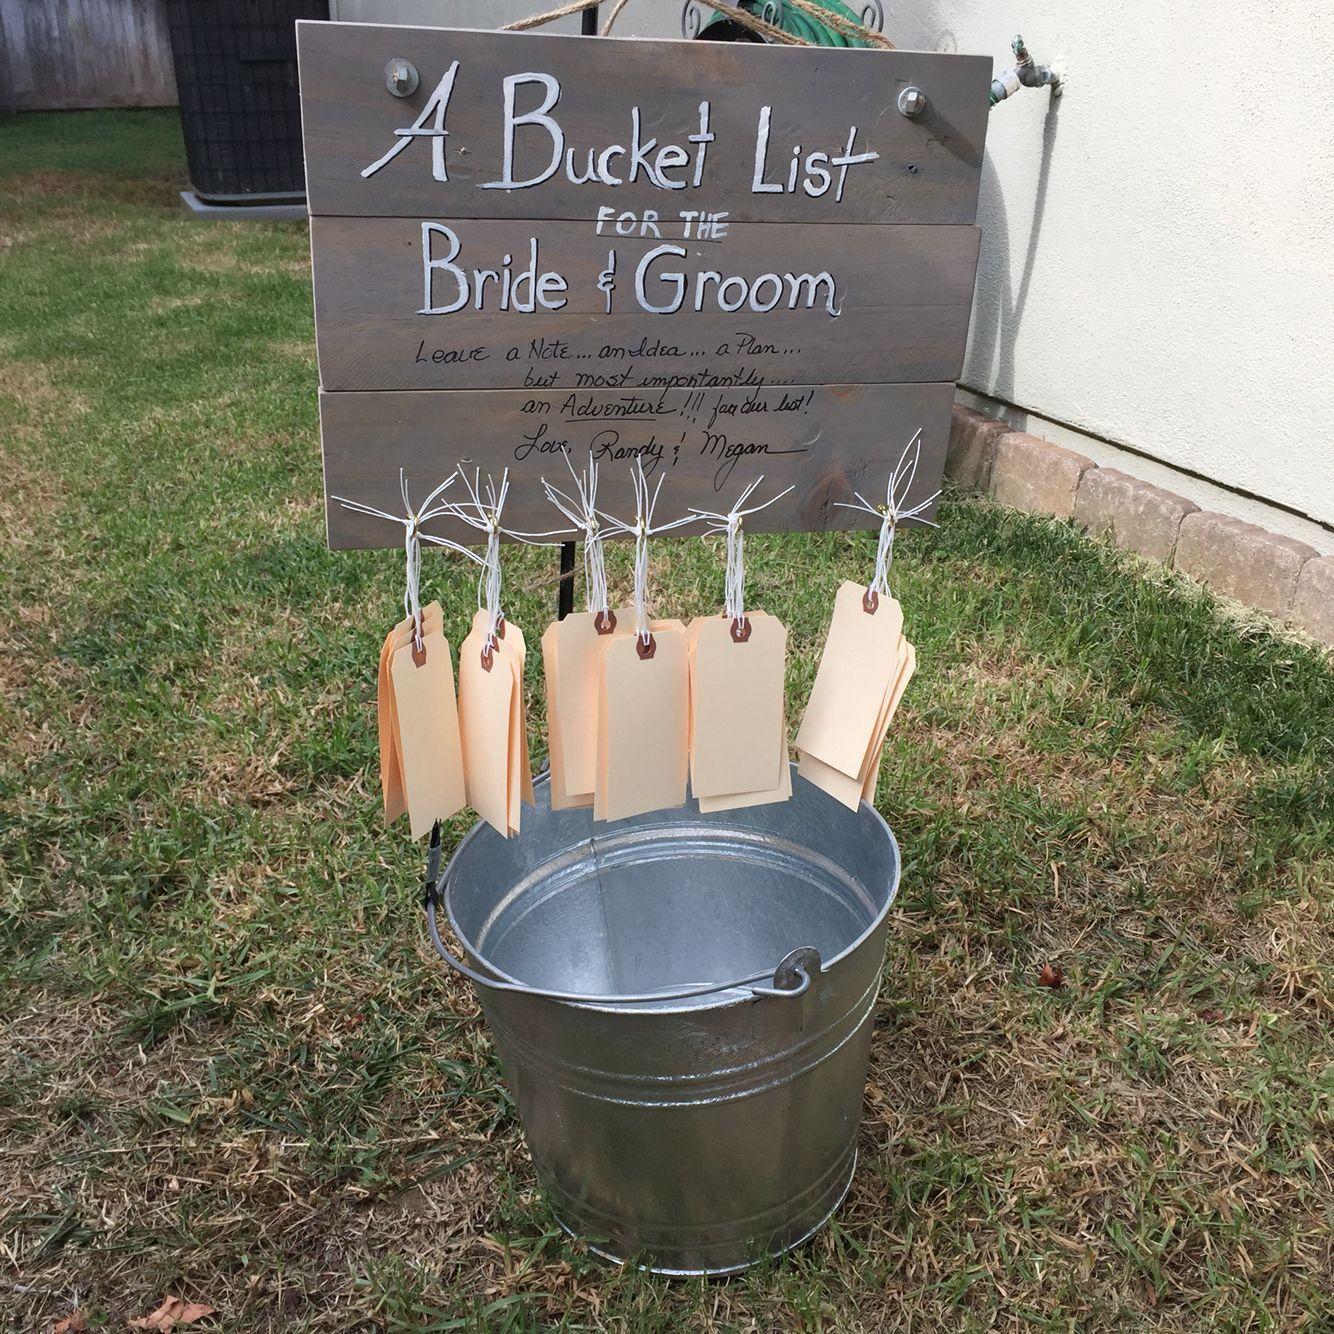 A Bucket List For A Bridal Shower Or Wedding Reception